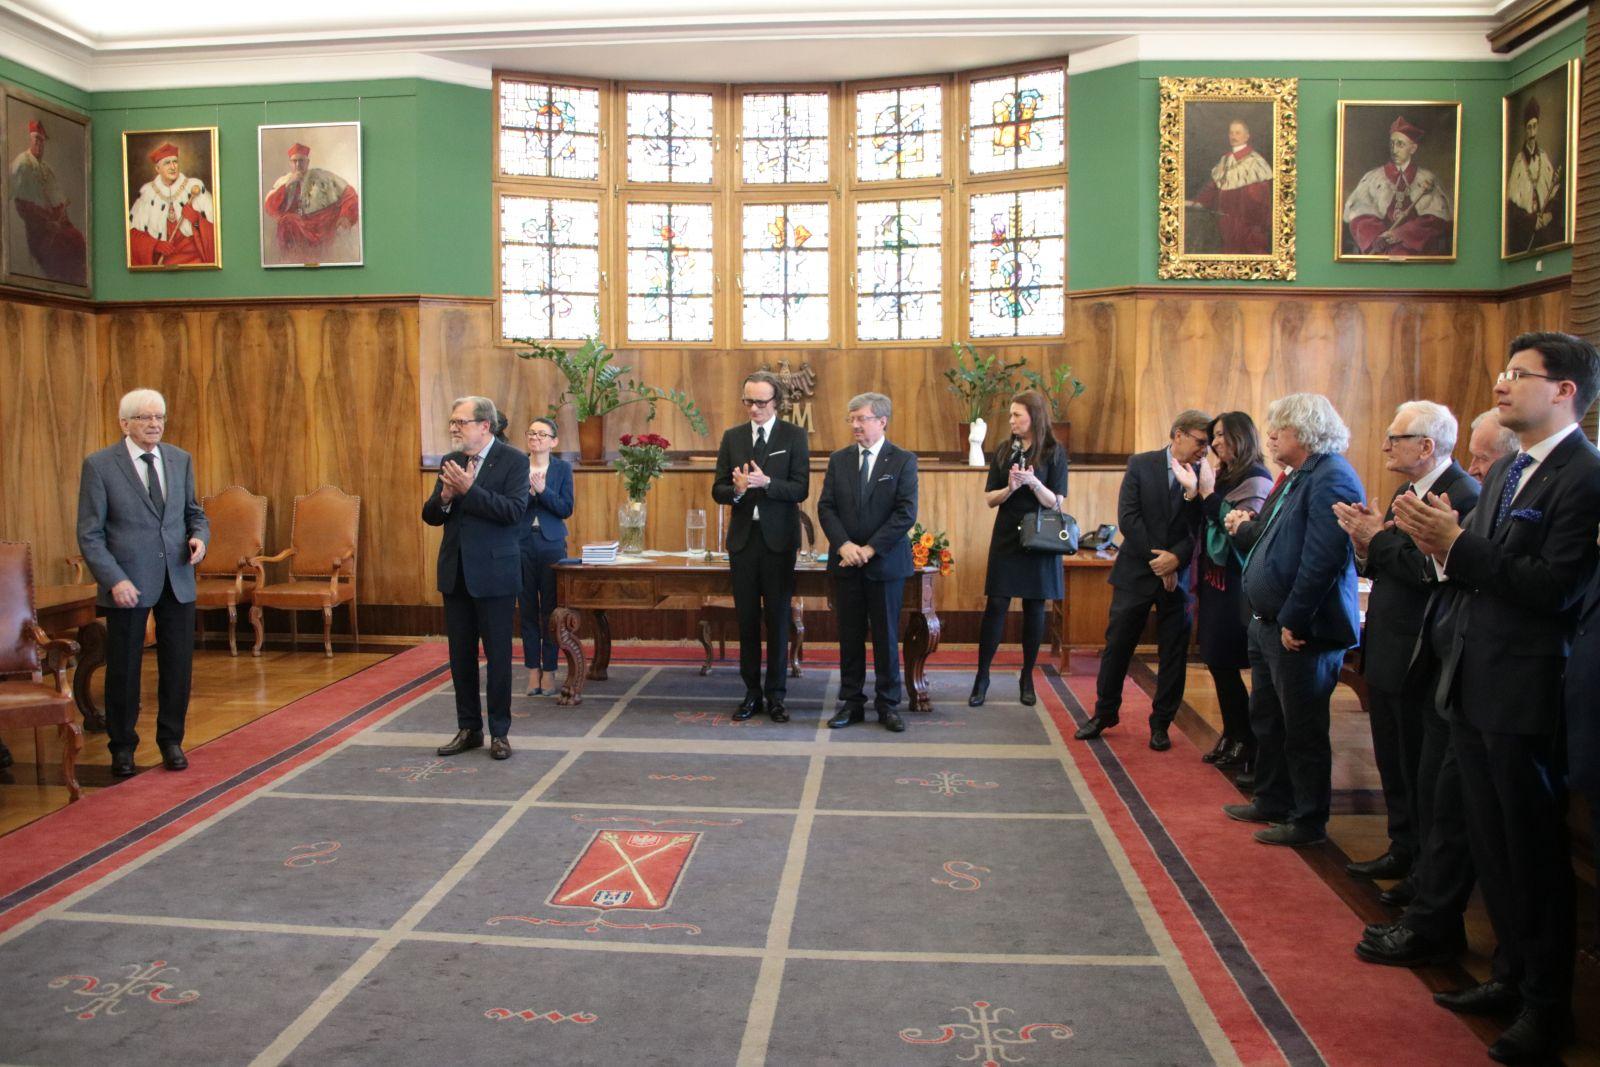 Zdjęcie - zgromadzeni goście podczas uroczystości wręczenia medalu